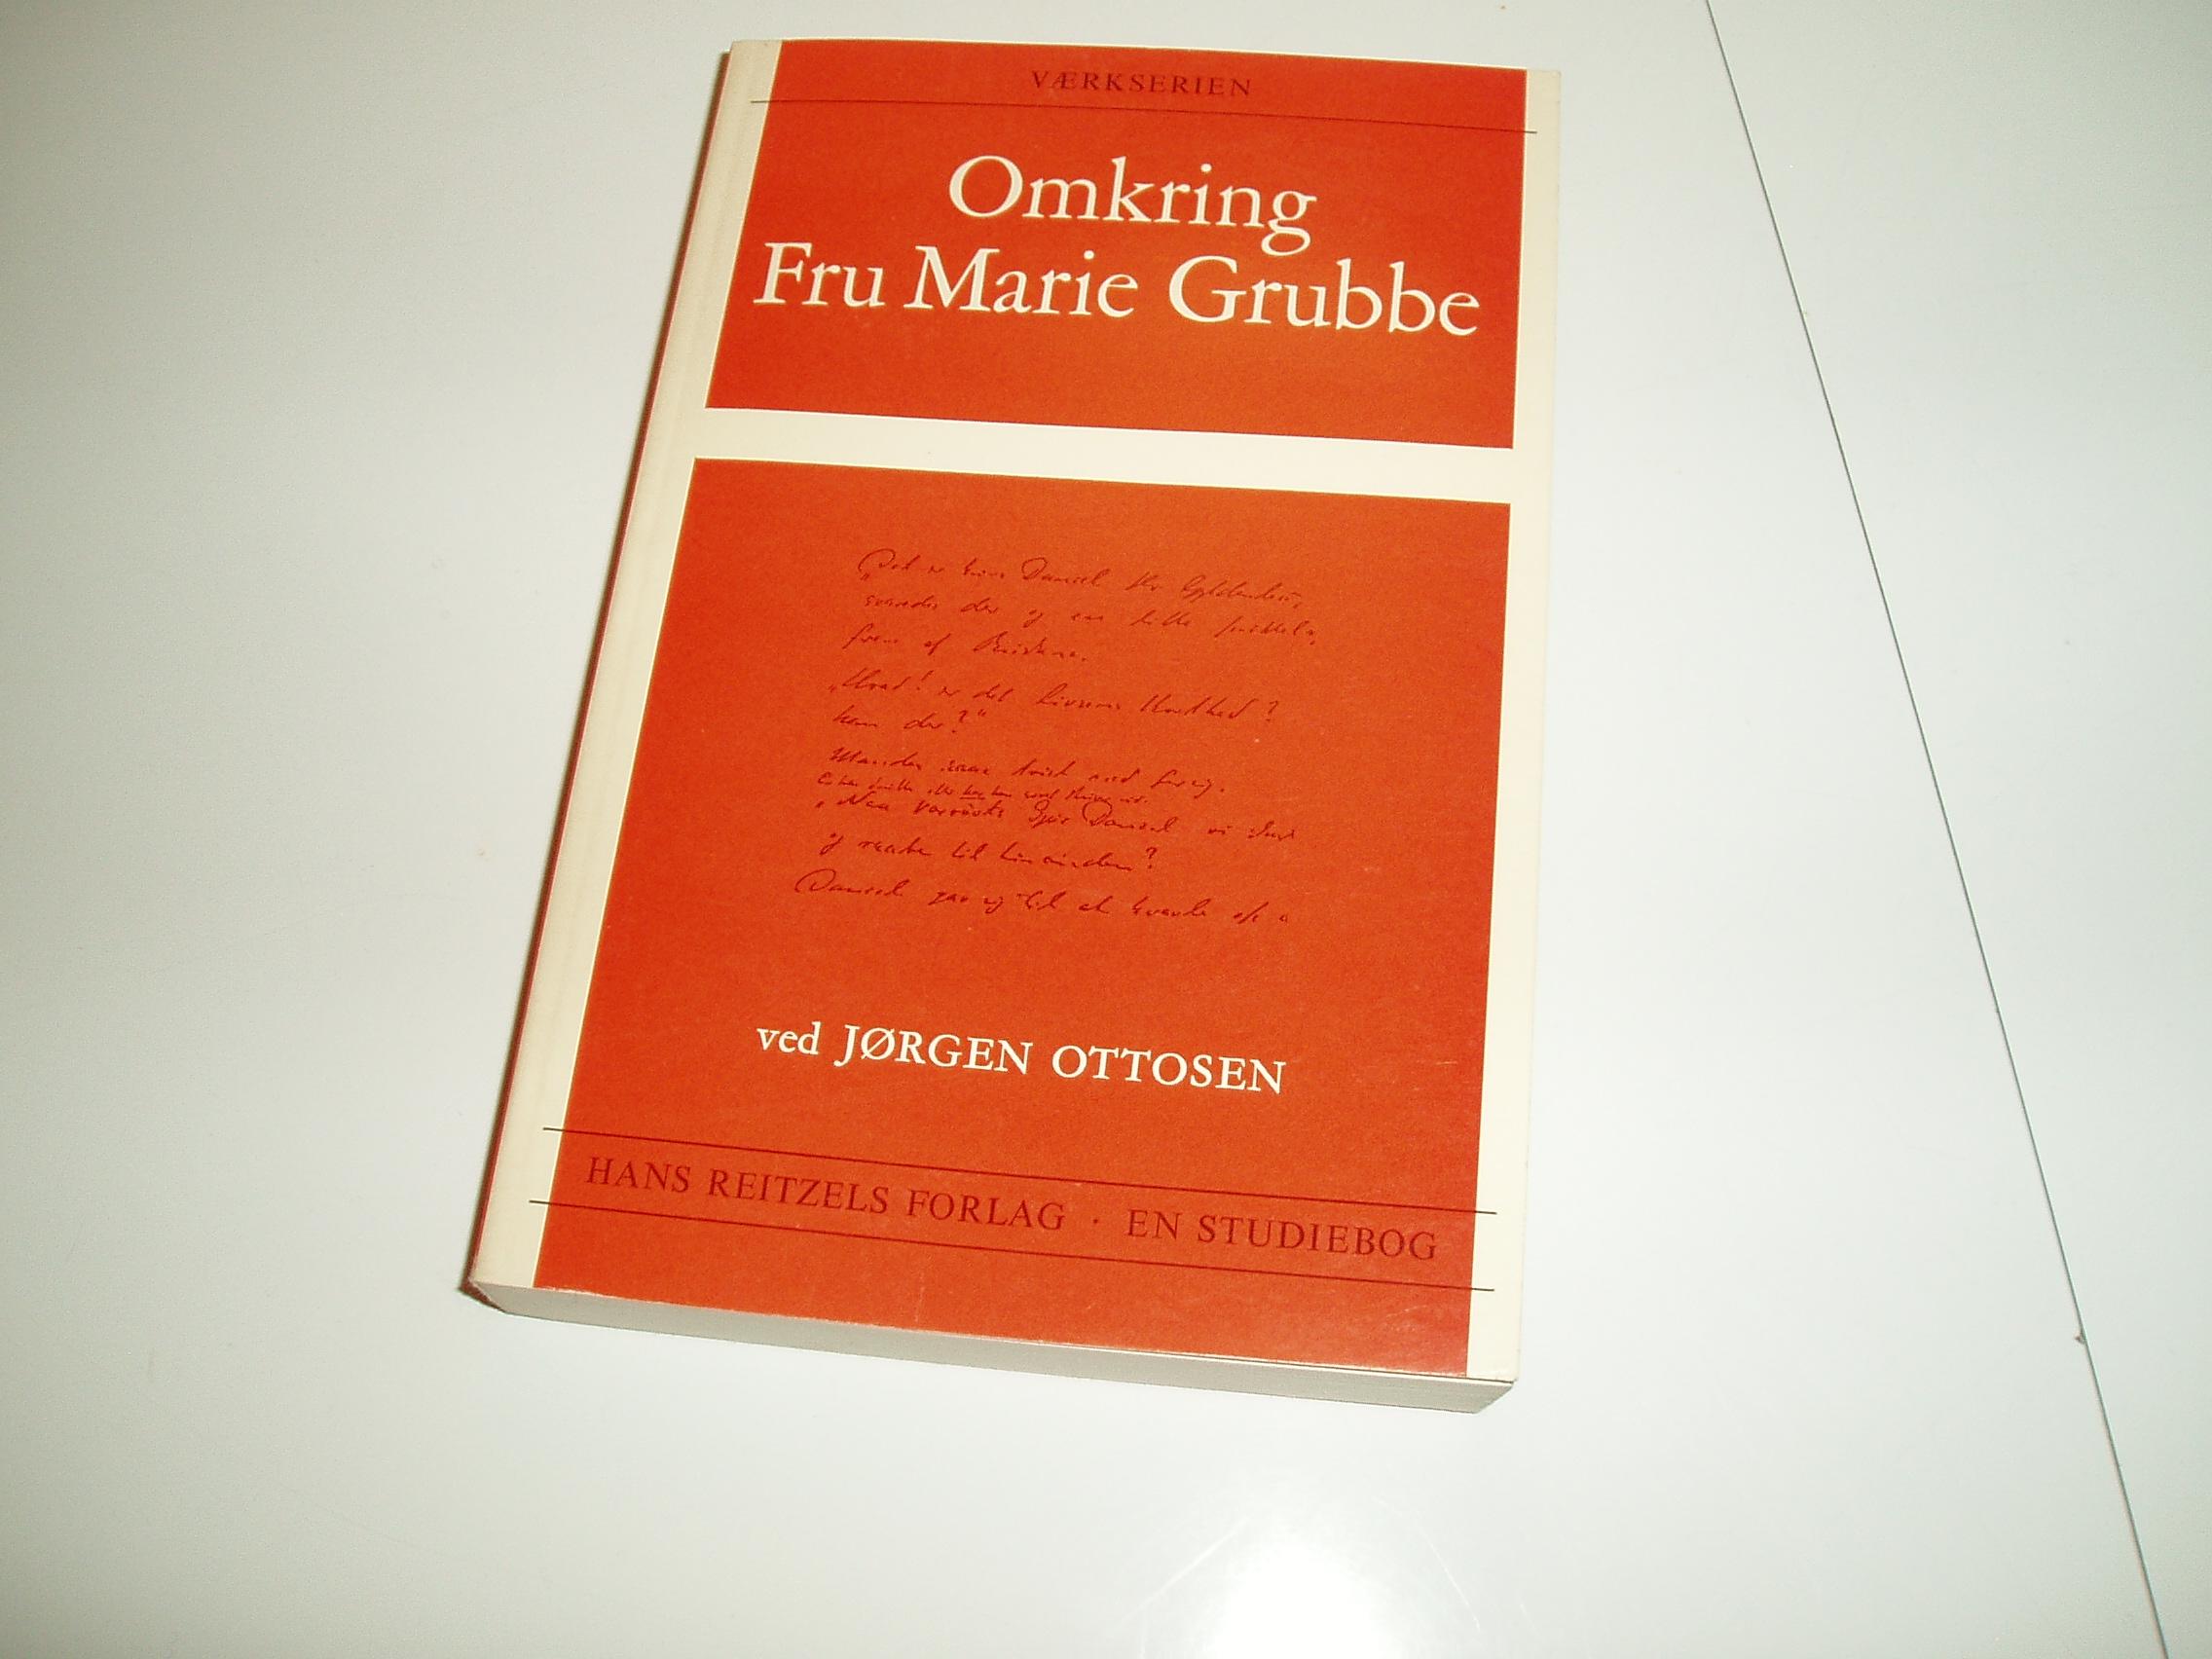 Omkring Fru Marie Grubbe. Værkserien